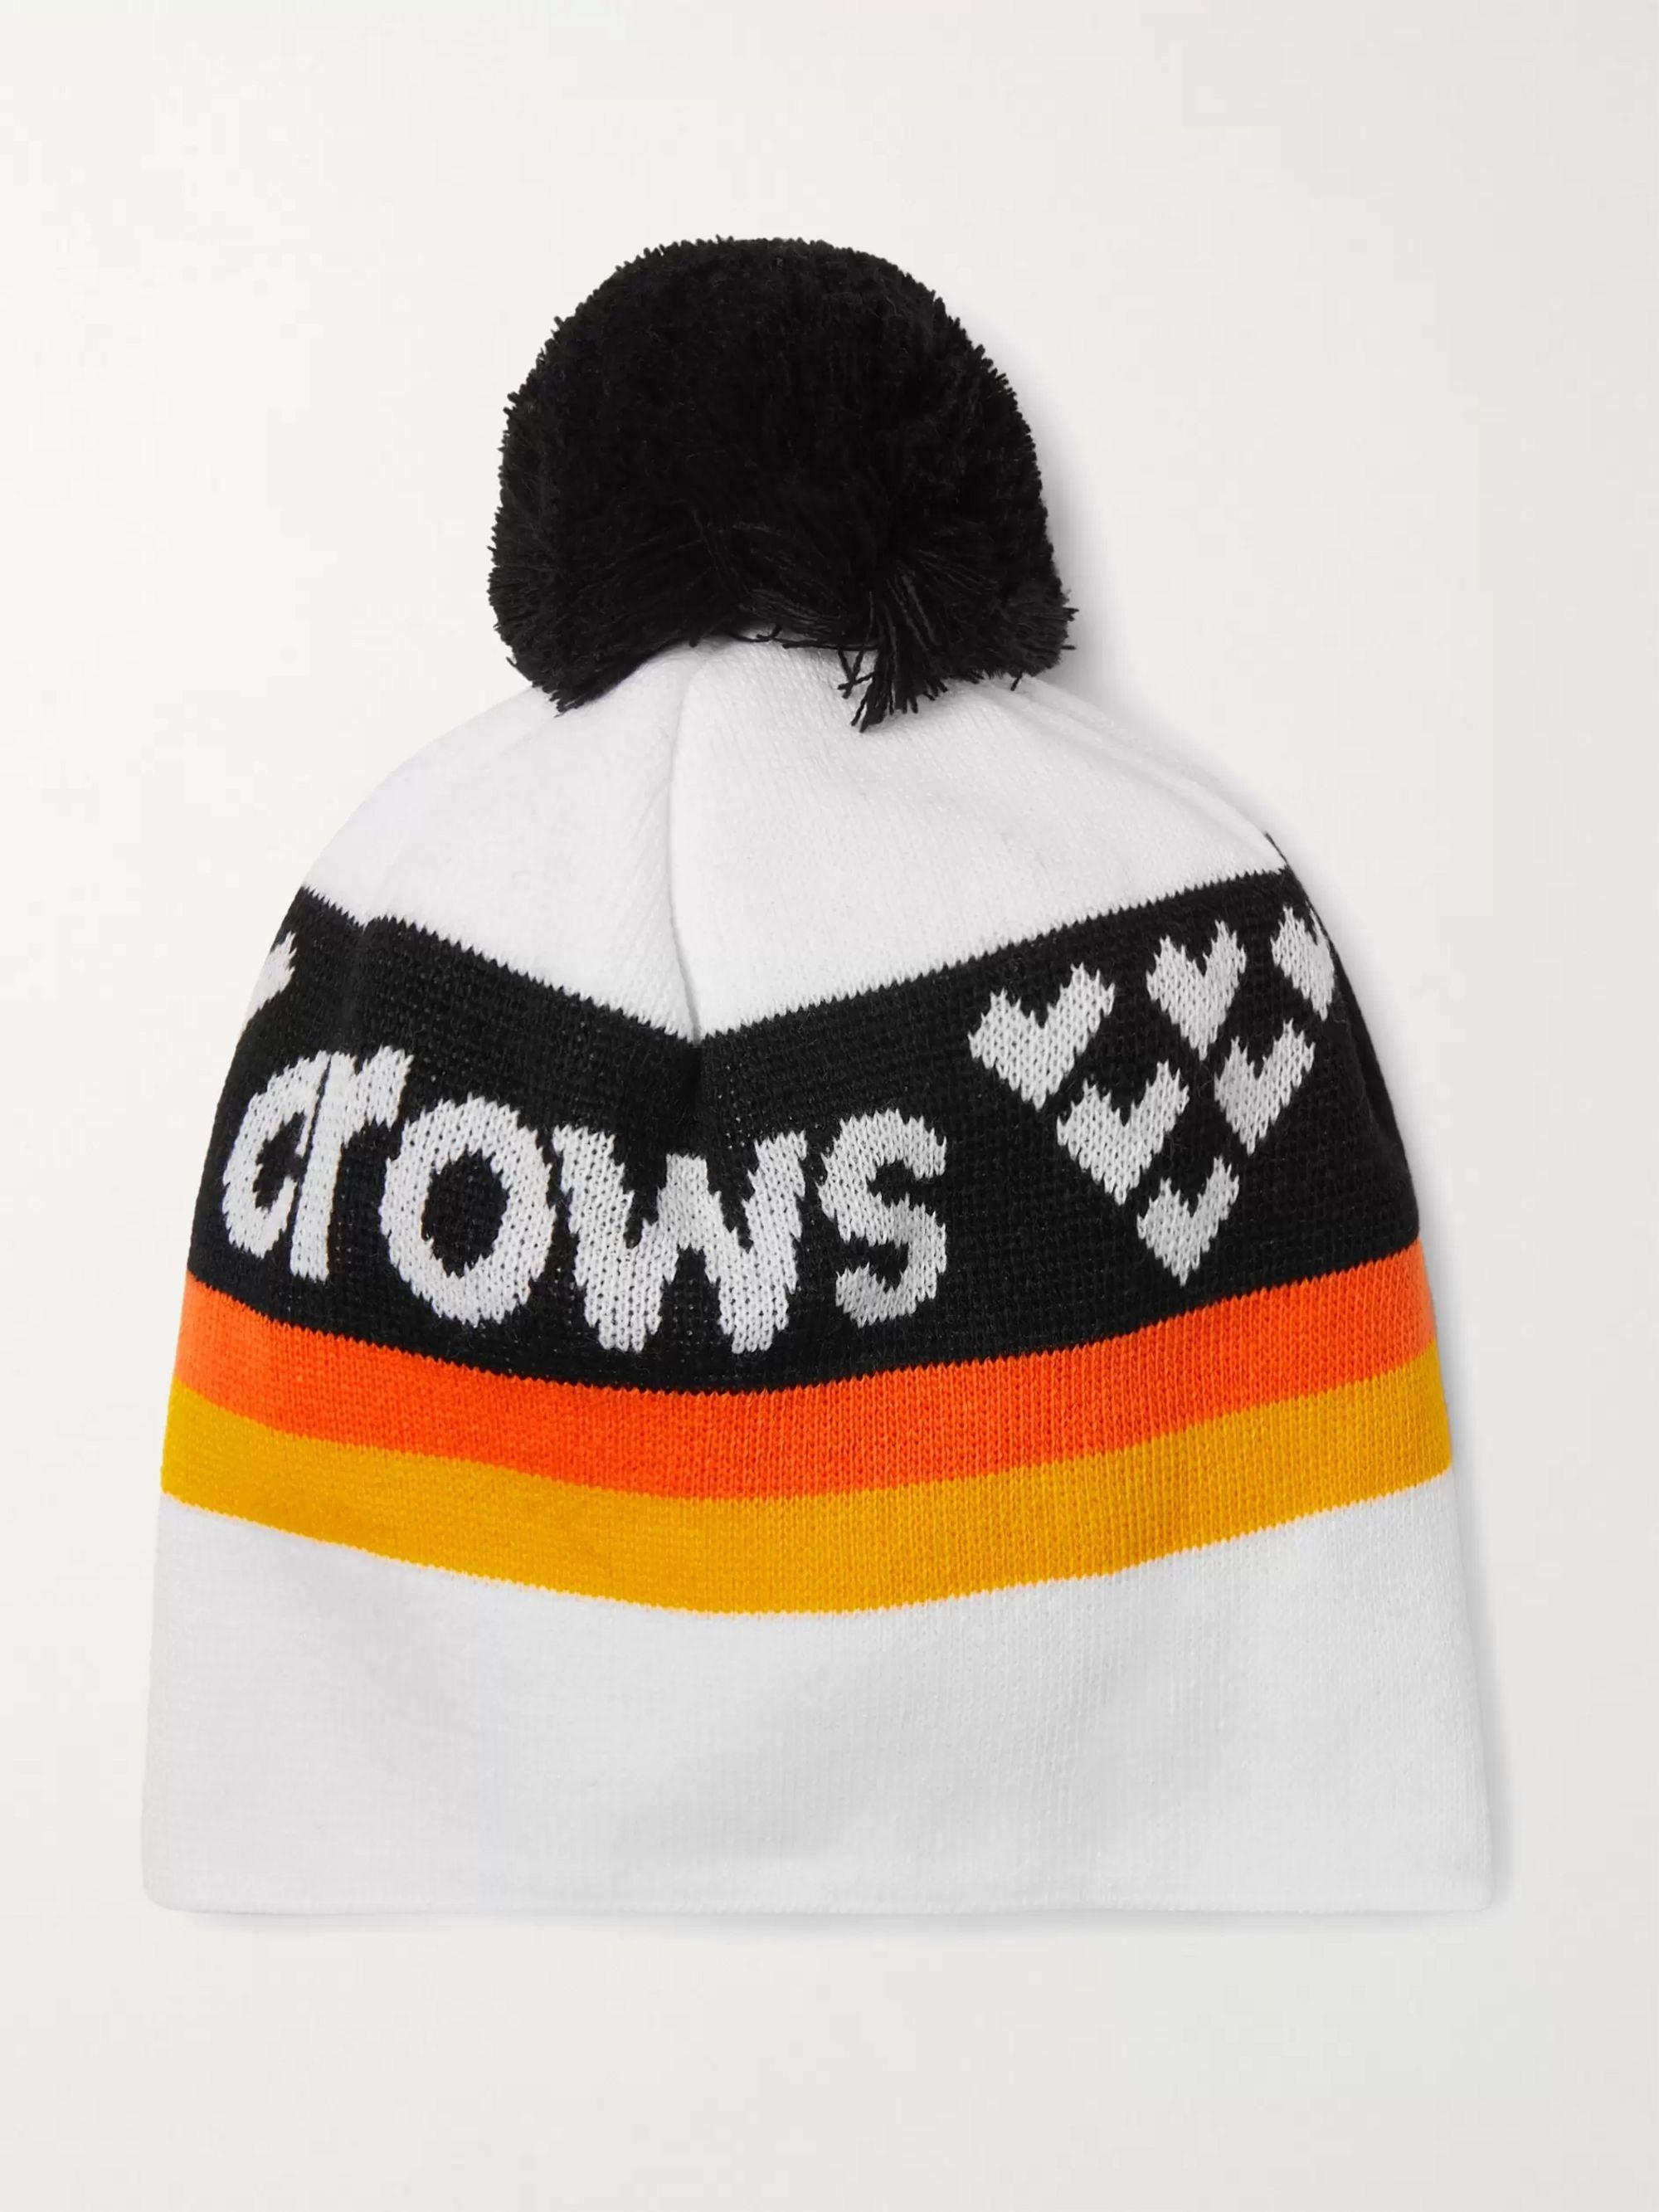 White Nomen Logo-intarsia Knitted Beanie | Black Crows